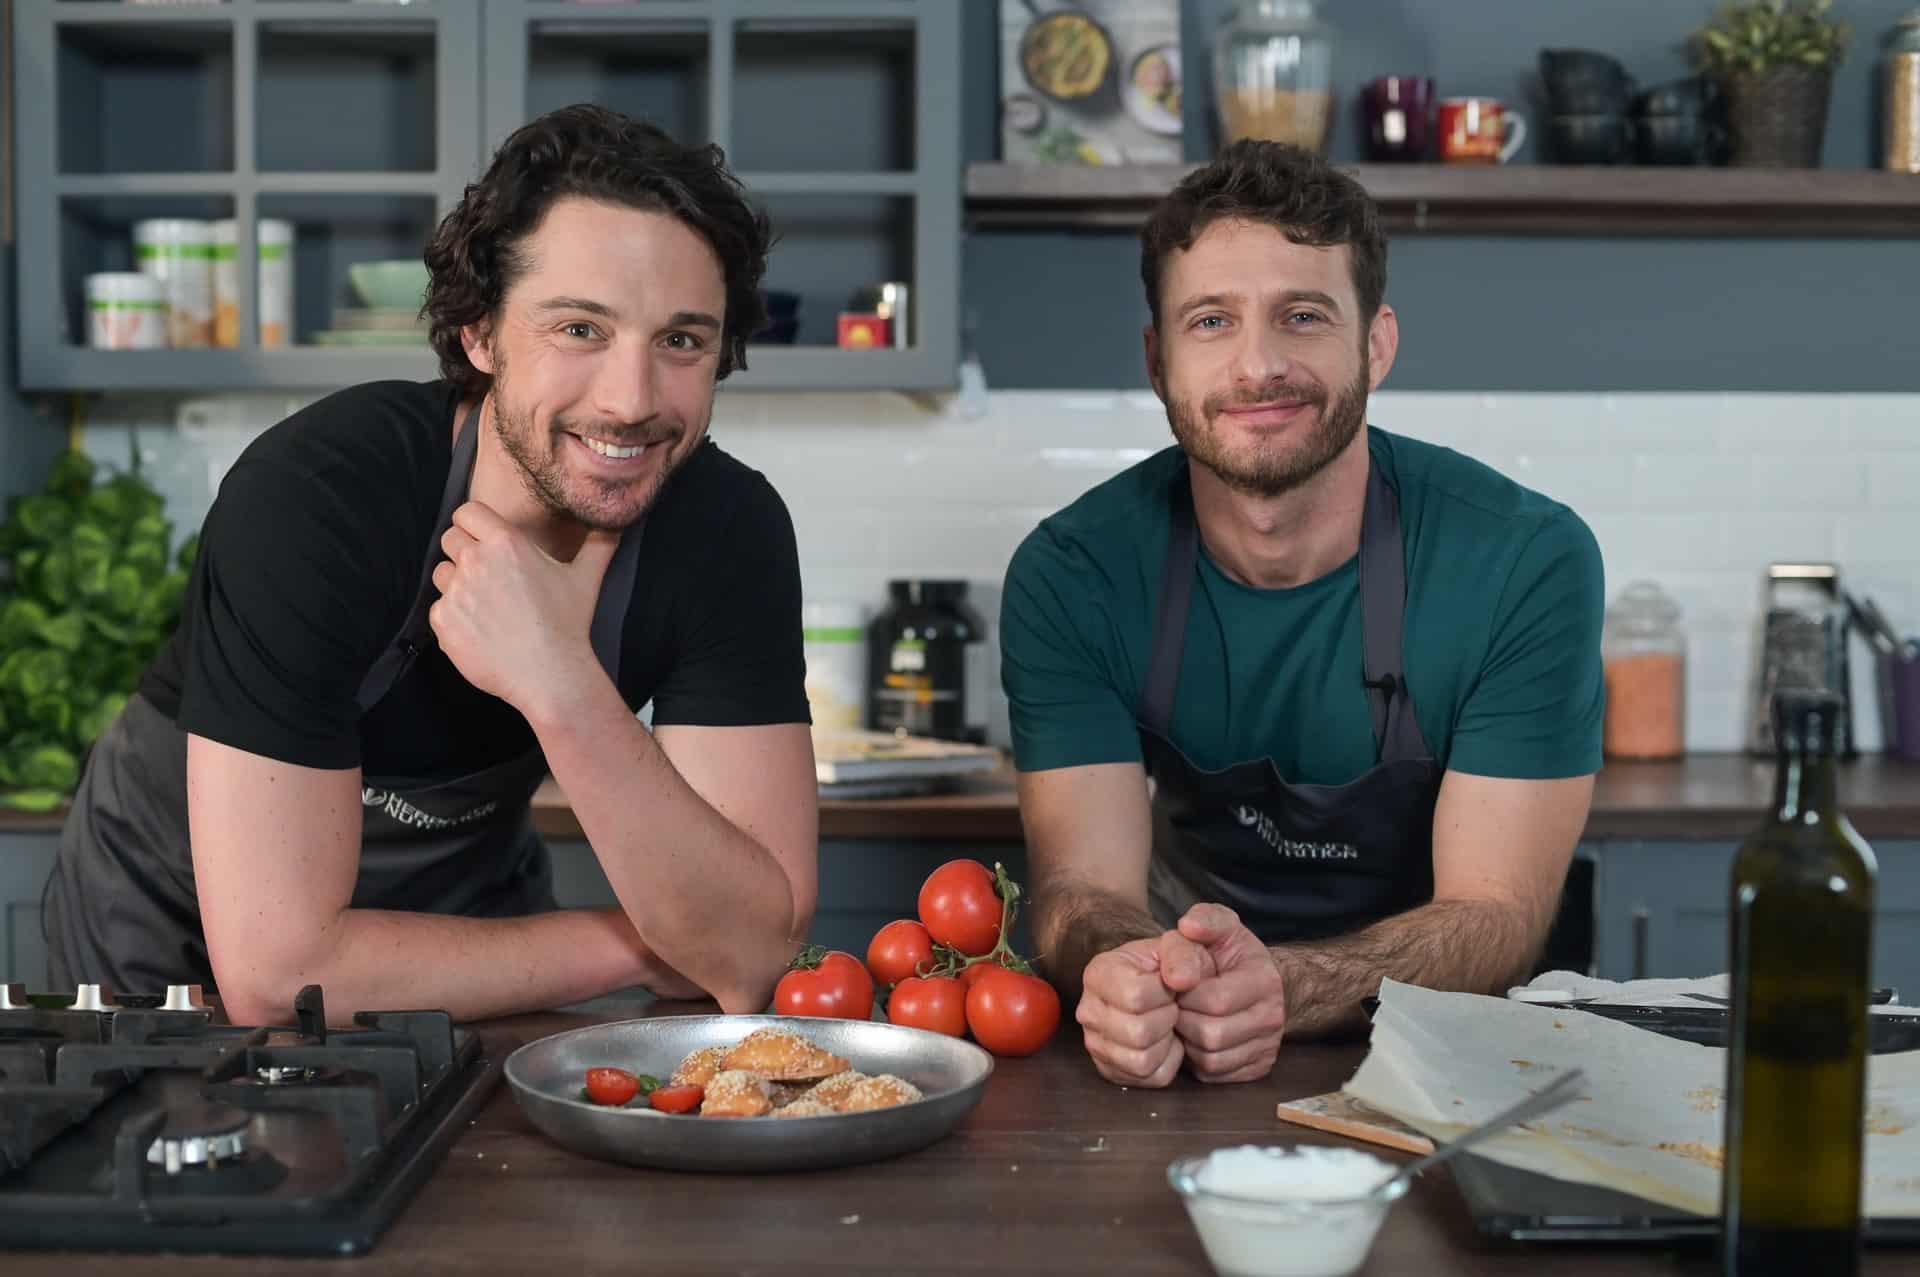 מימין השף אושר אידלמן והשף אודי ברקן הכנת סמבוסק צילום: אלעד ברנגה